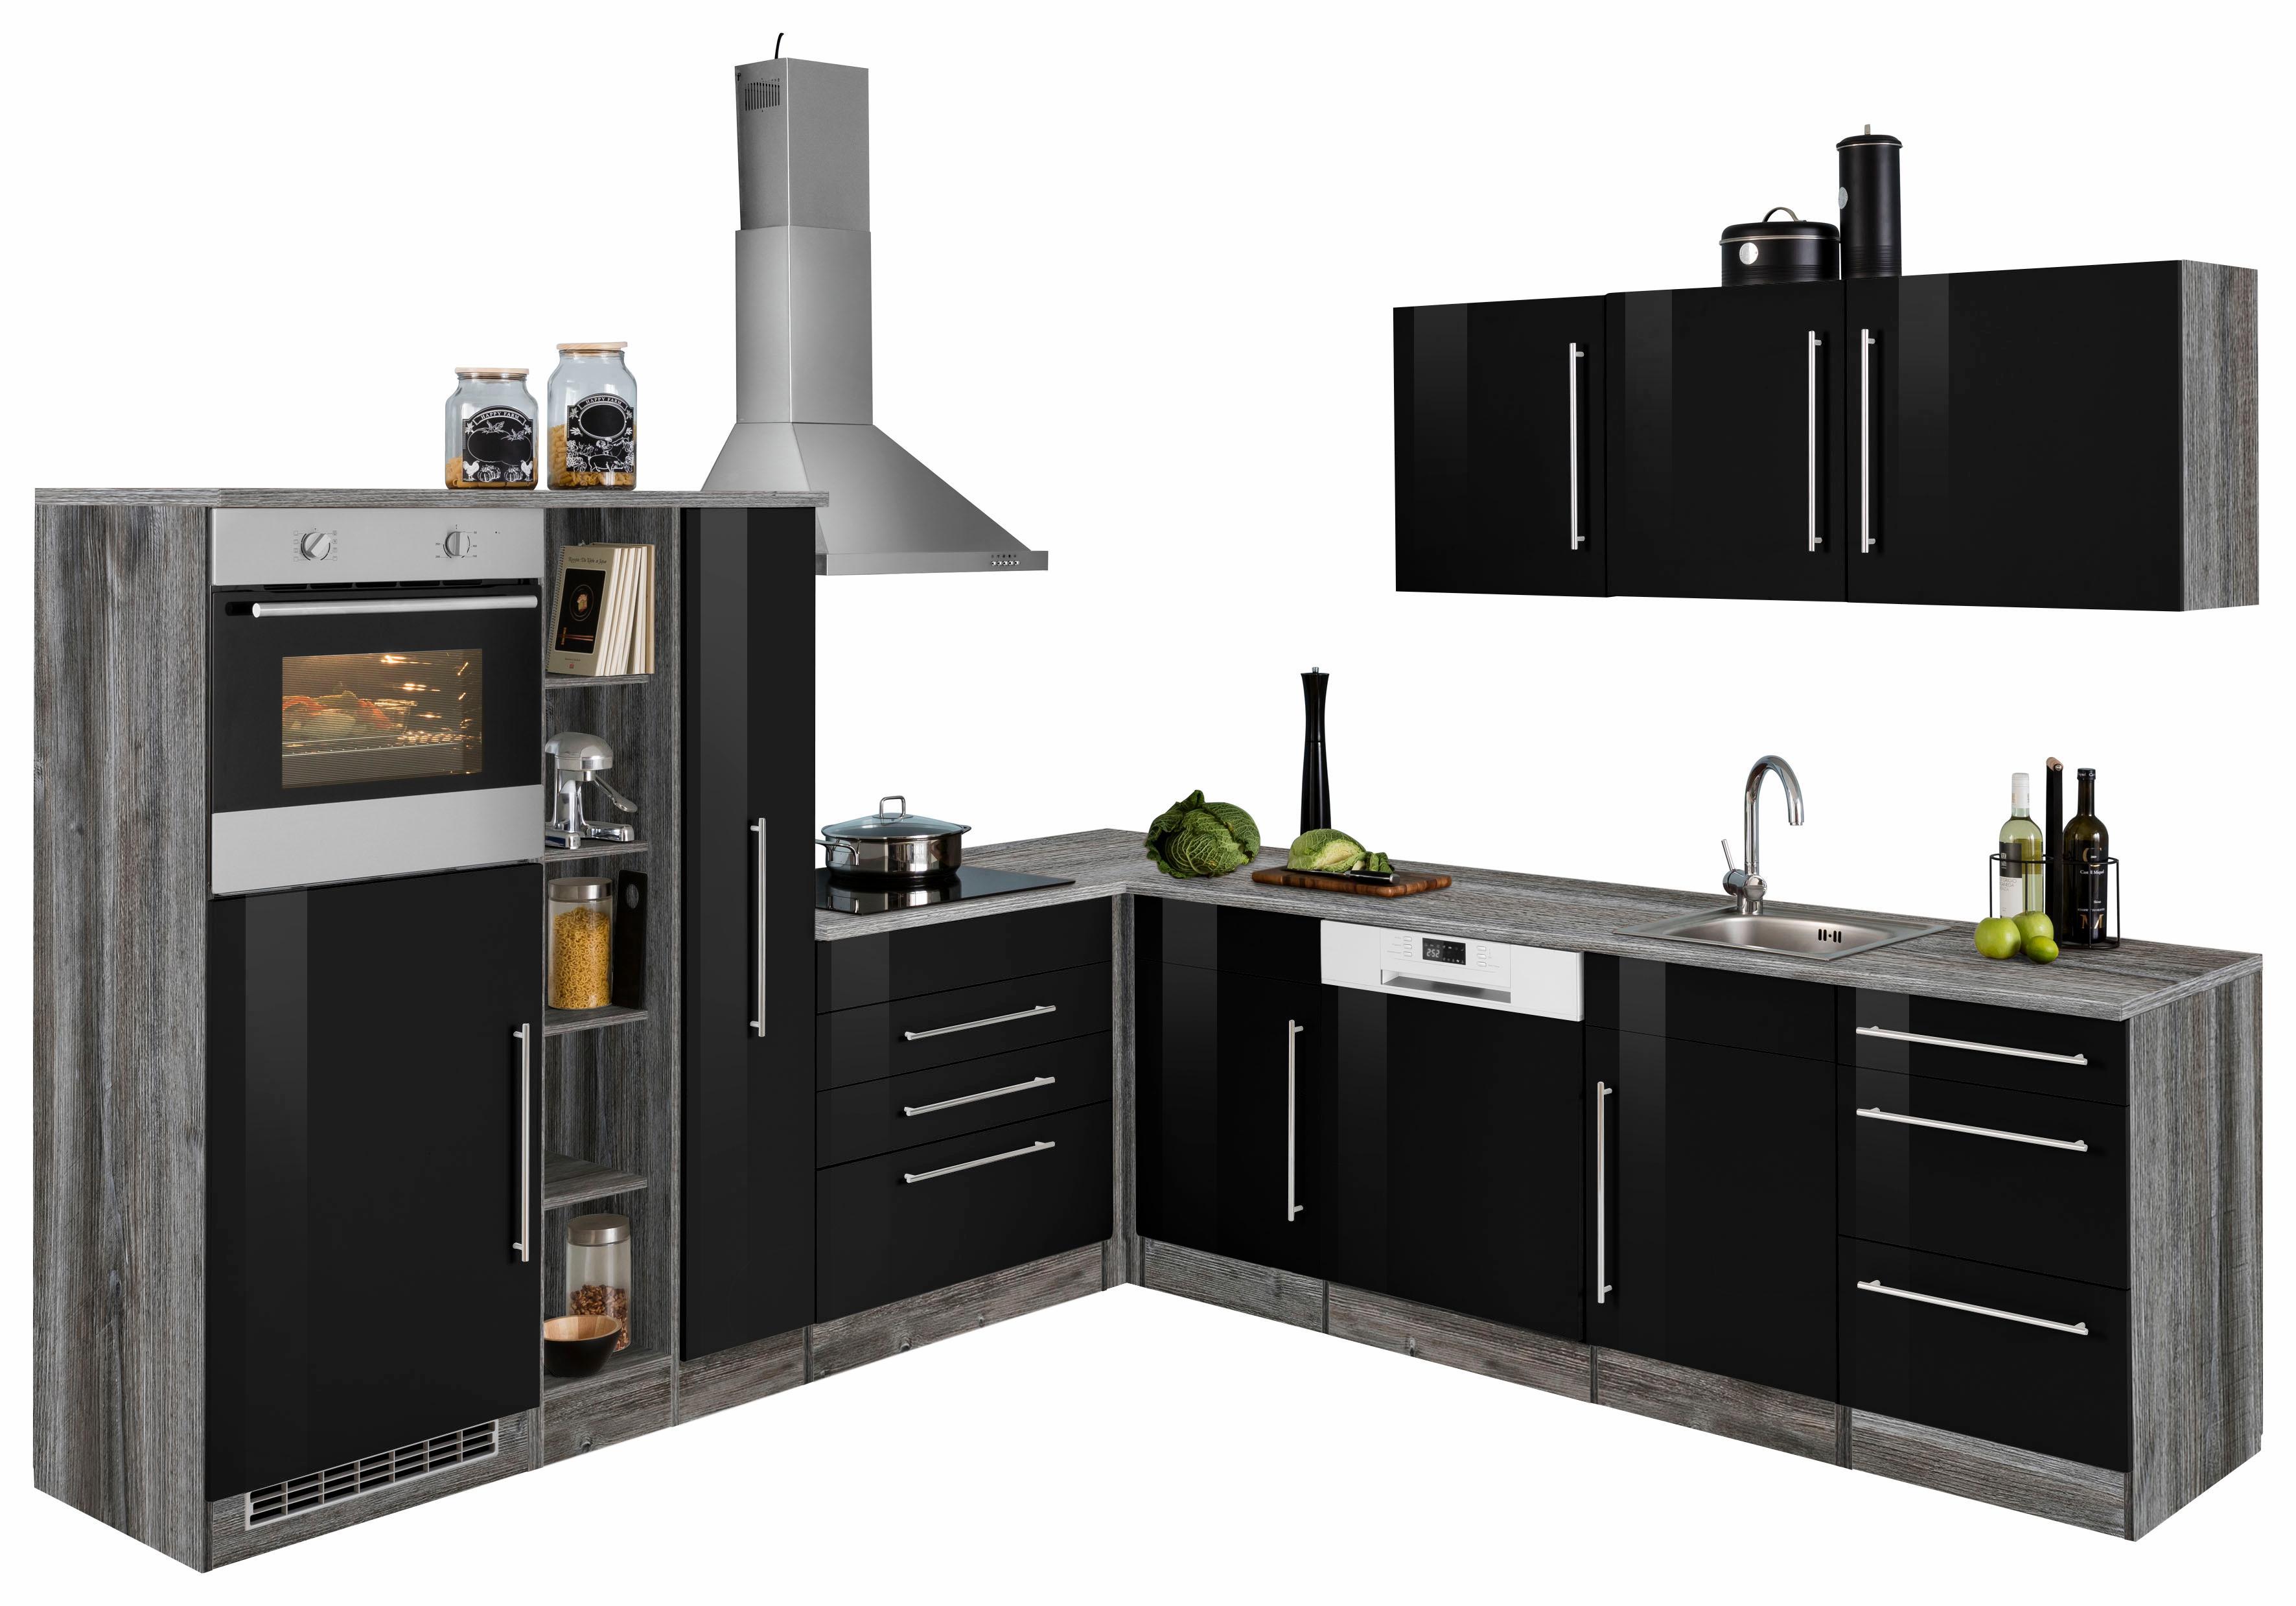 HELD MÖBEL Winkelküche Samos ohne E-Geräte Stellbreite 260 x 270 cm